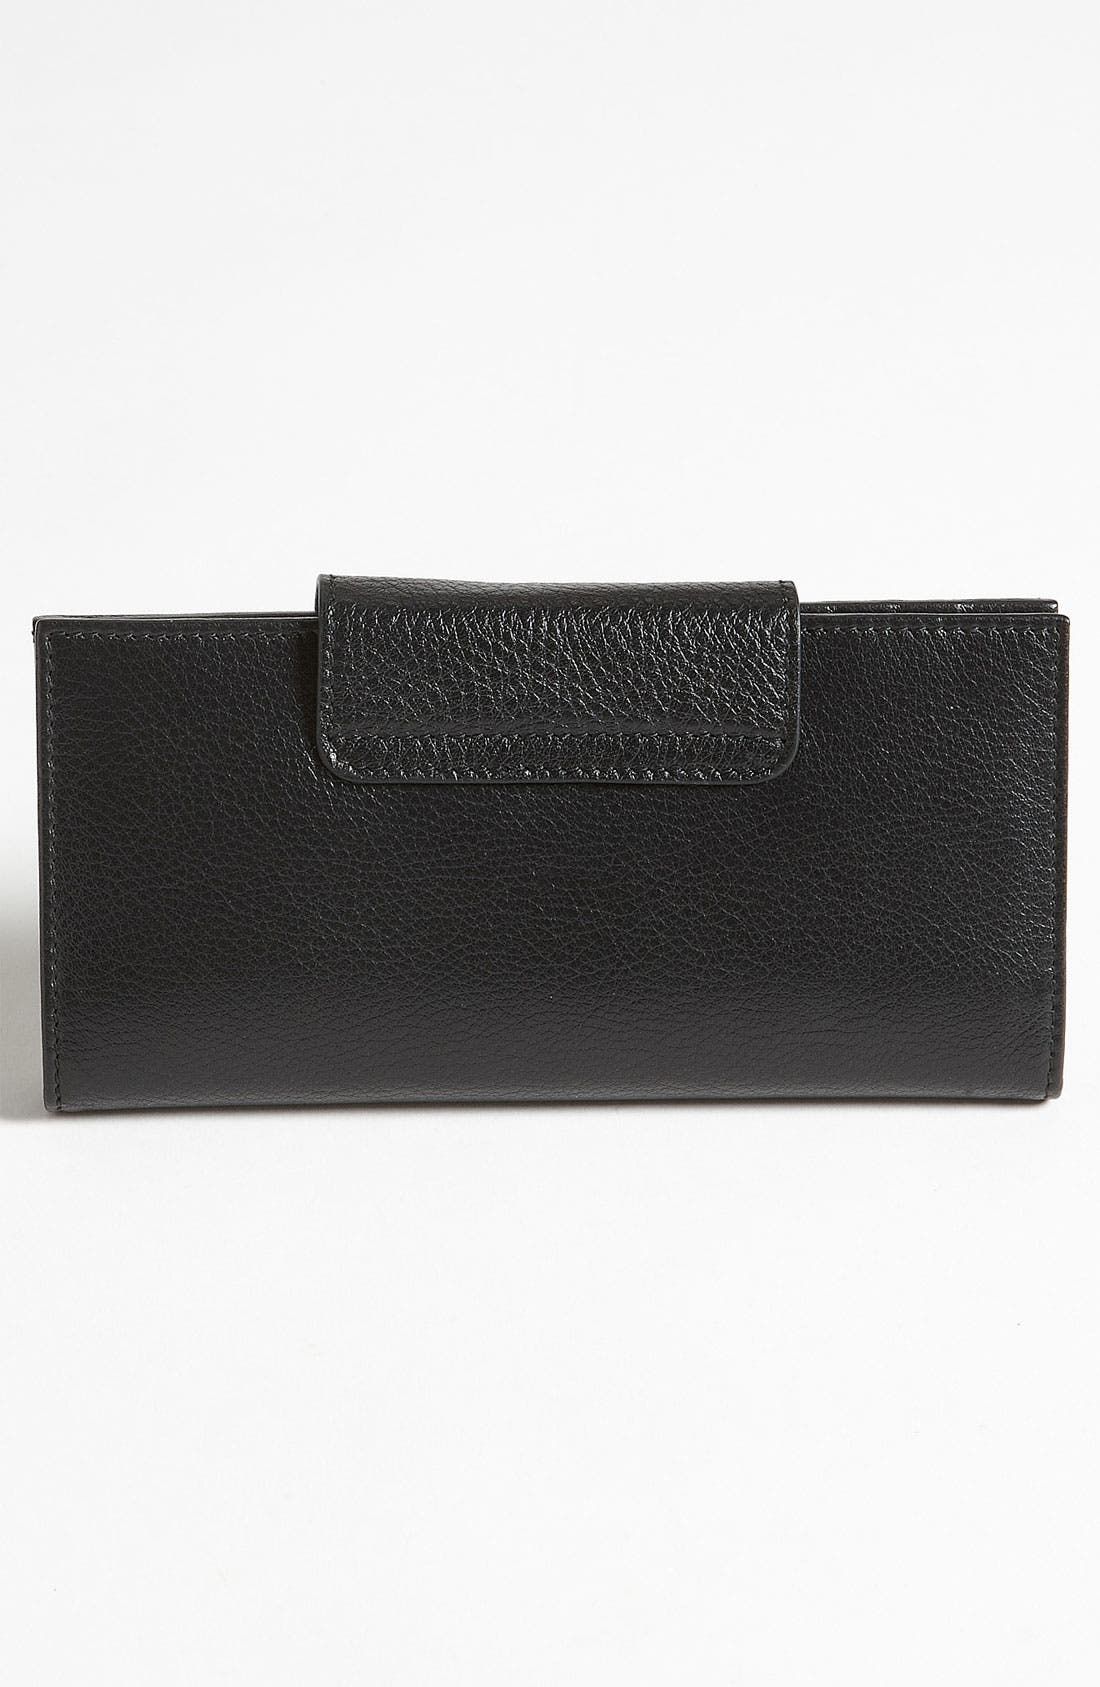 Alternate Image 3  - Salvatore Ferragamo 'Vitello Safari' Continental Leather Wallet